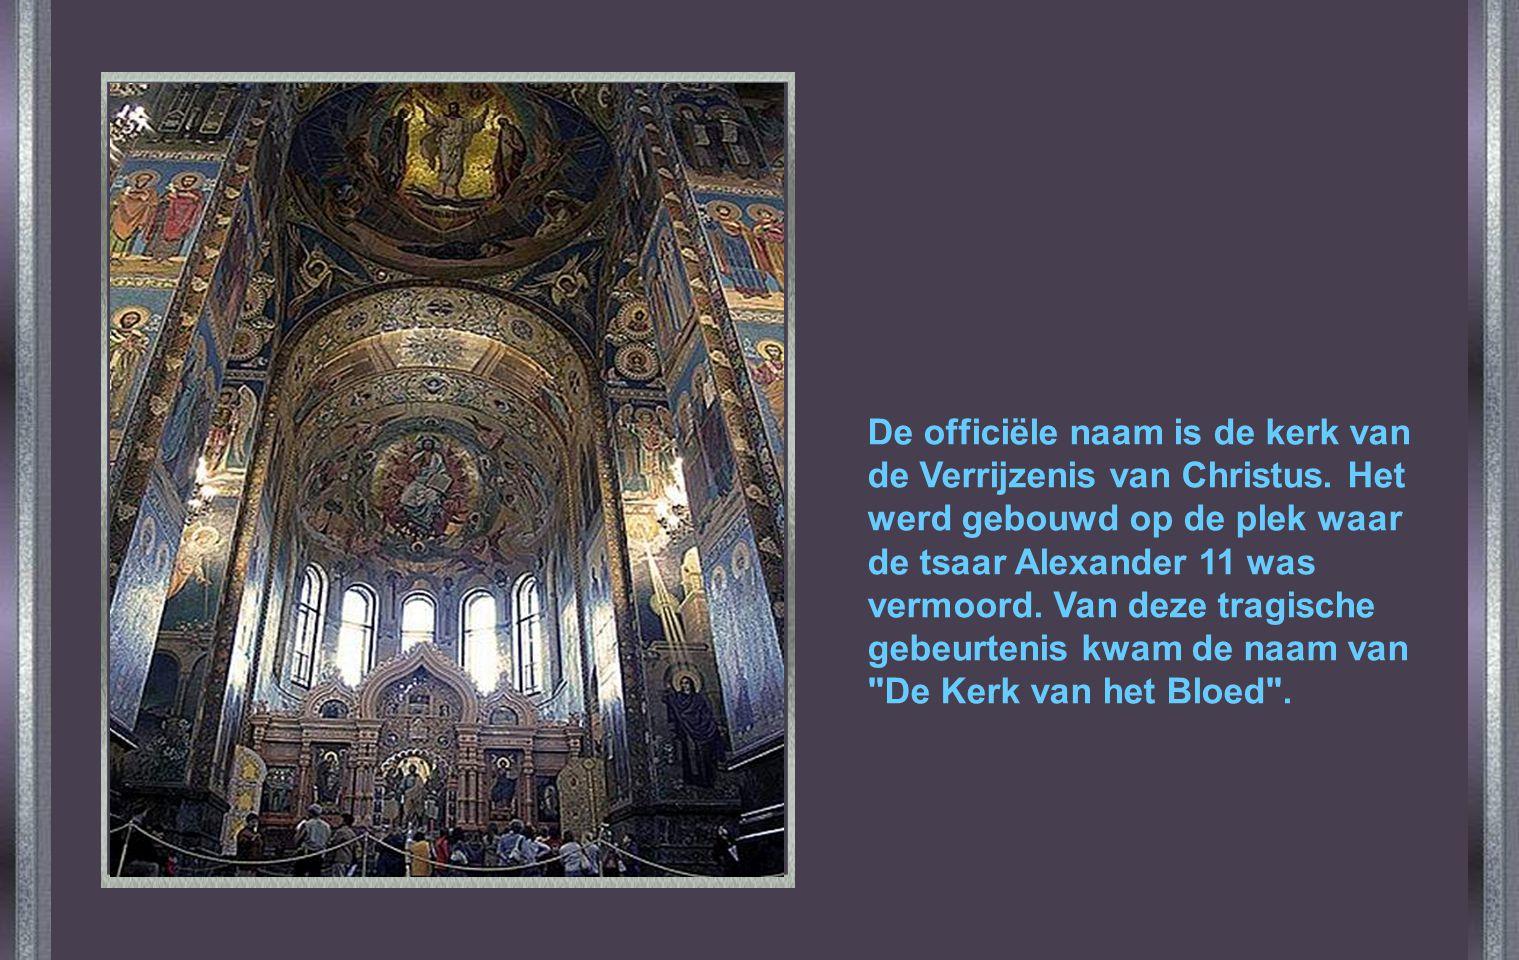 De officiële naam is de kerk van de Verrijzenis van Christus